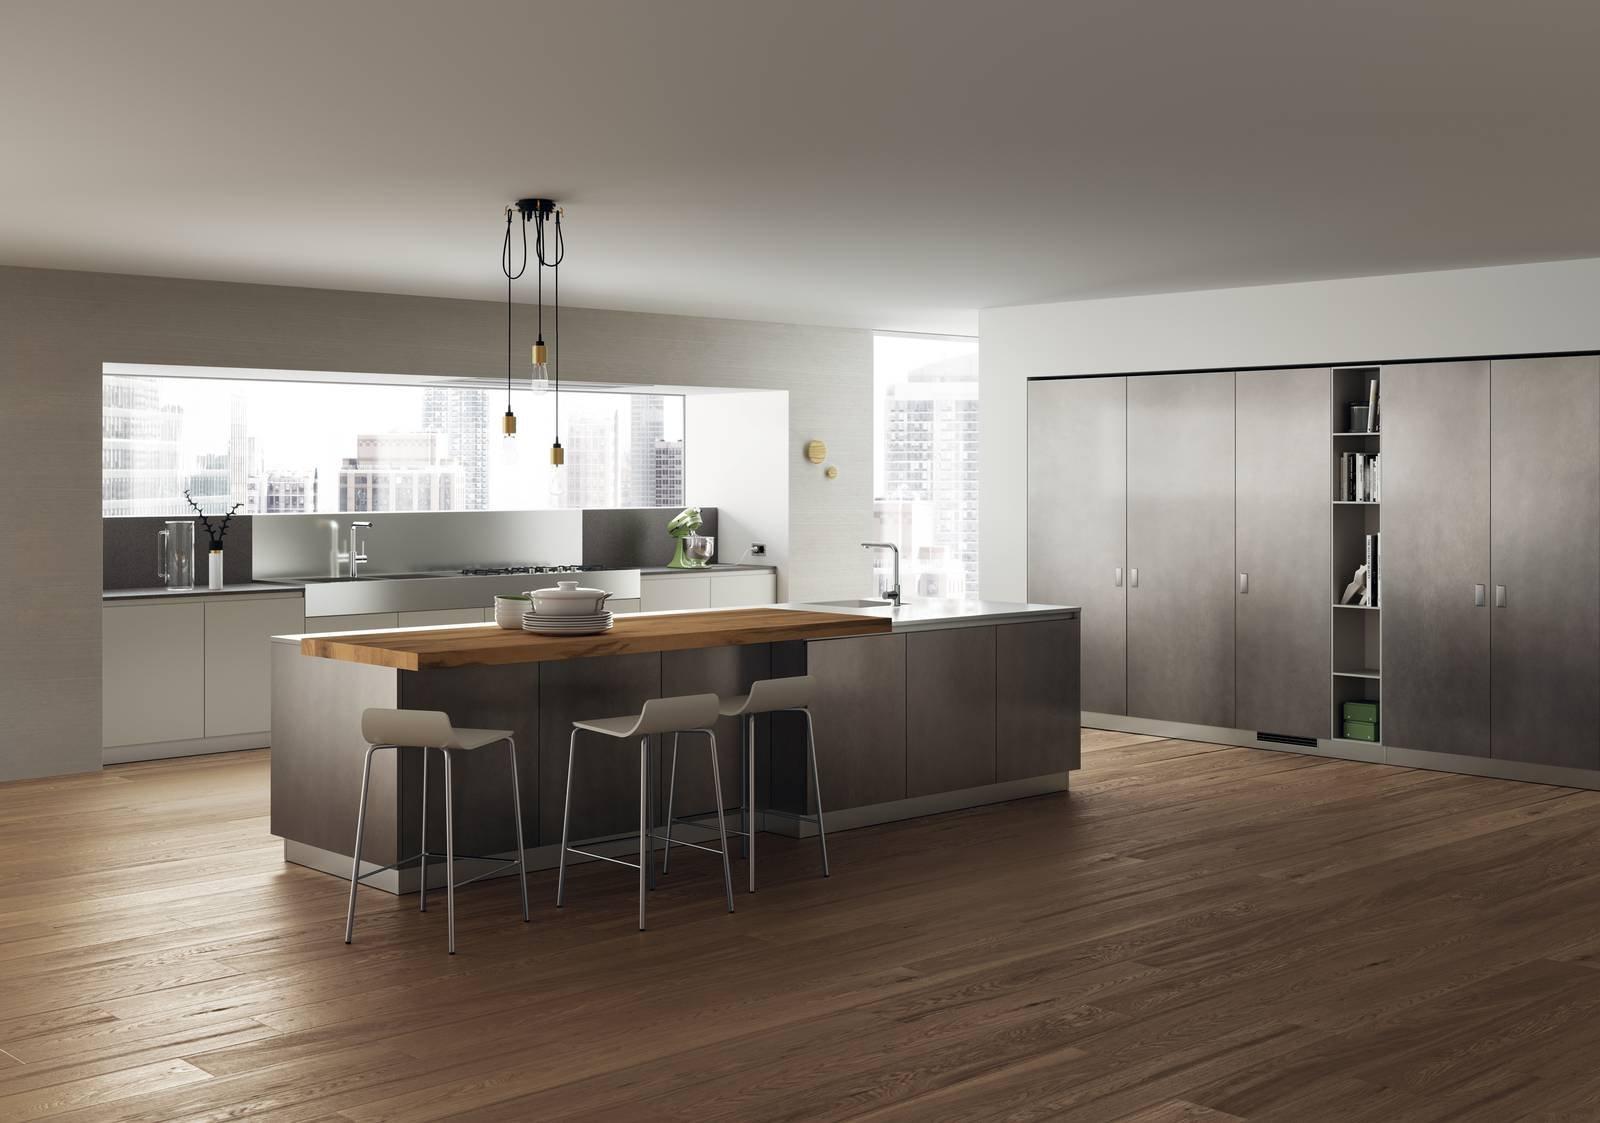 Cucine Scavolini Catalogo 2014 - Idee per la decorazione di interni ...